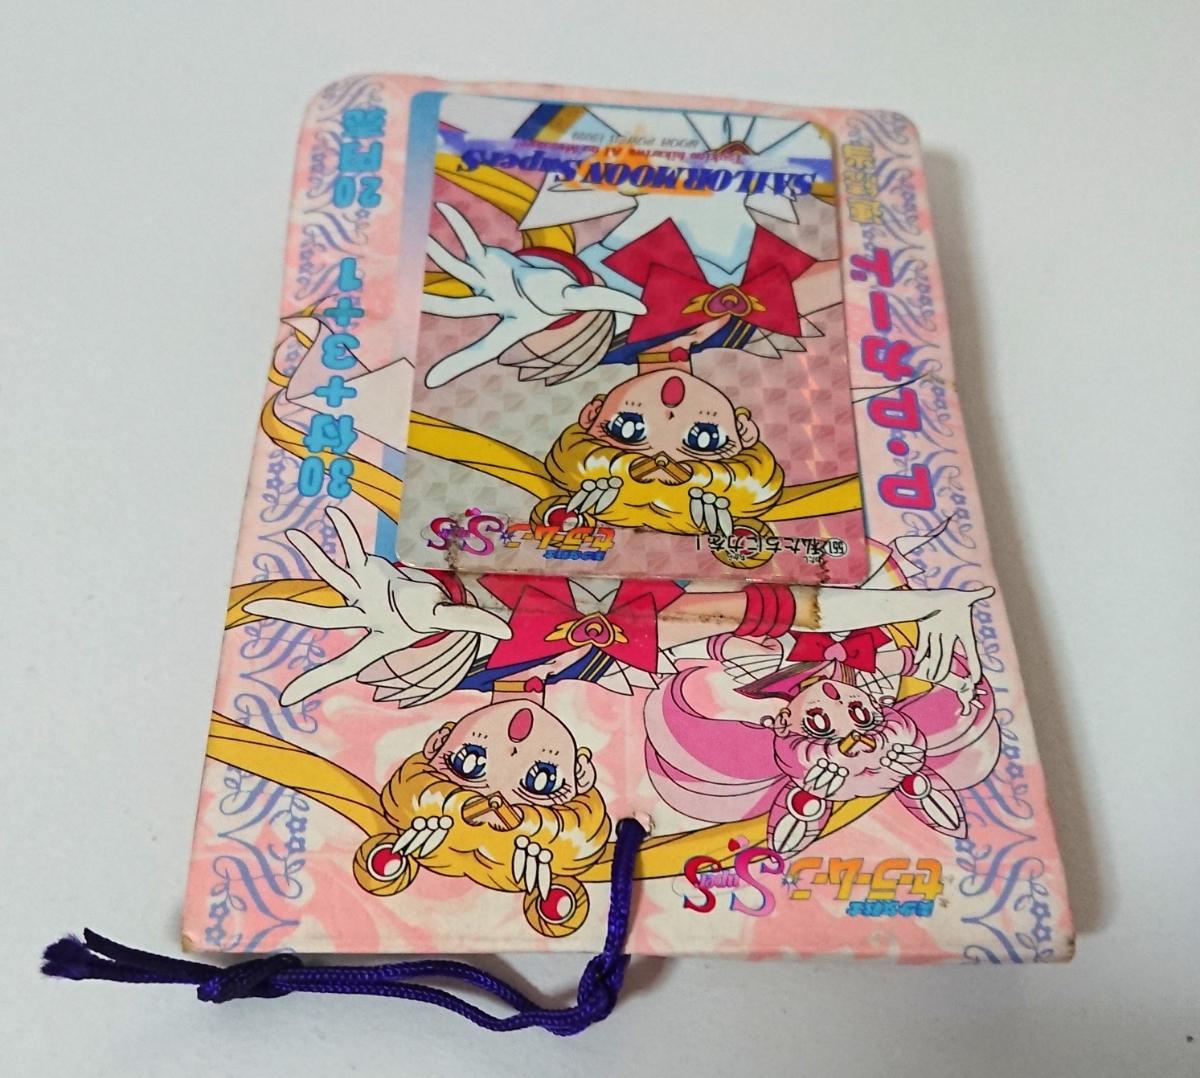 ★美品・レア★セーラームーンSS PPカード束〈セーラームーン〉34袋 1995年 アマダ_画像8